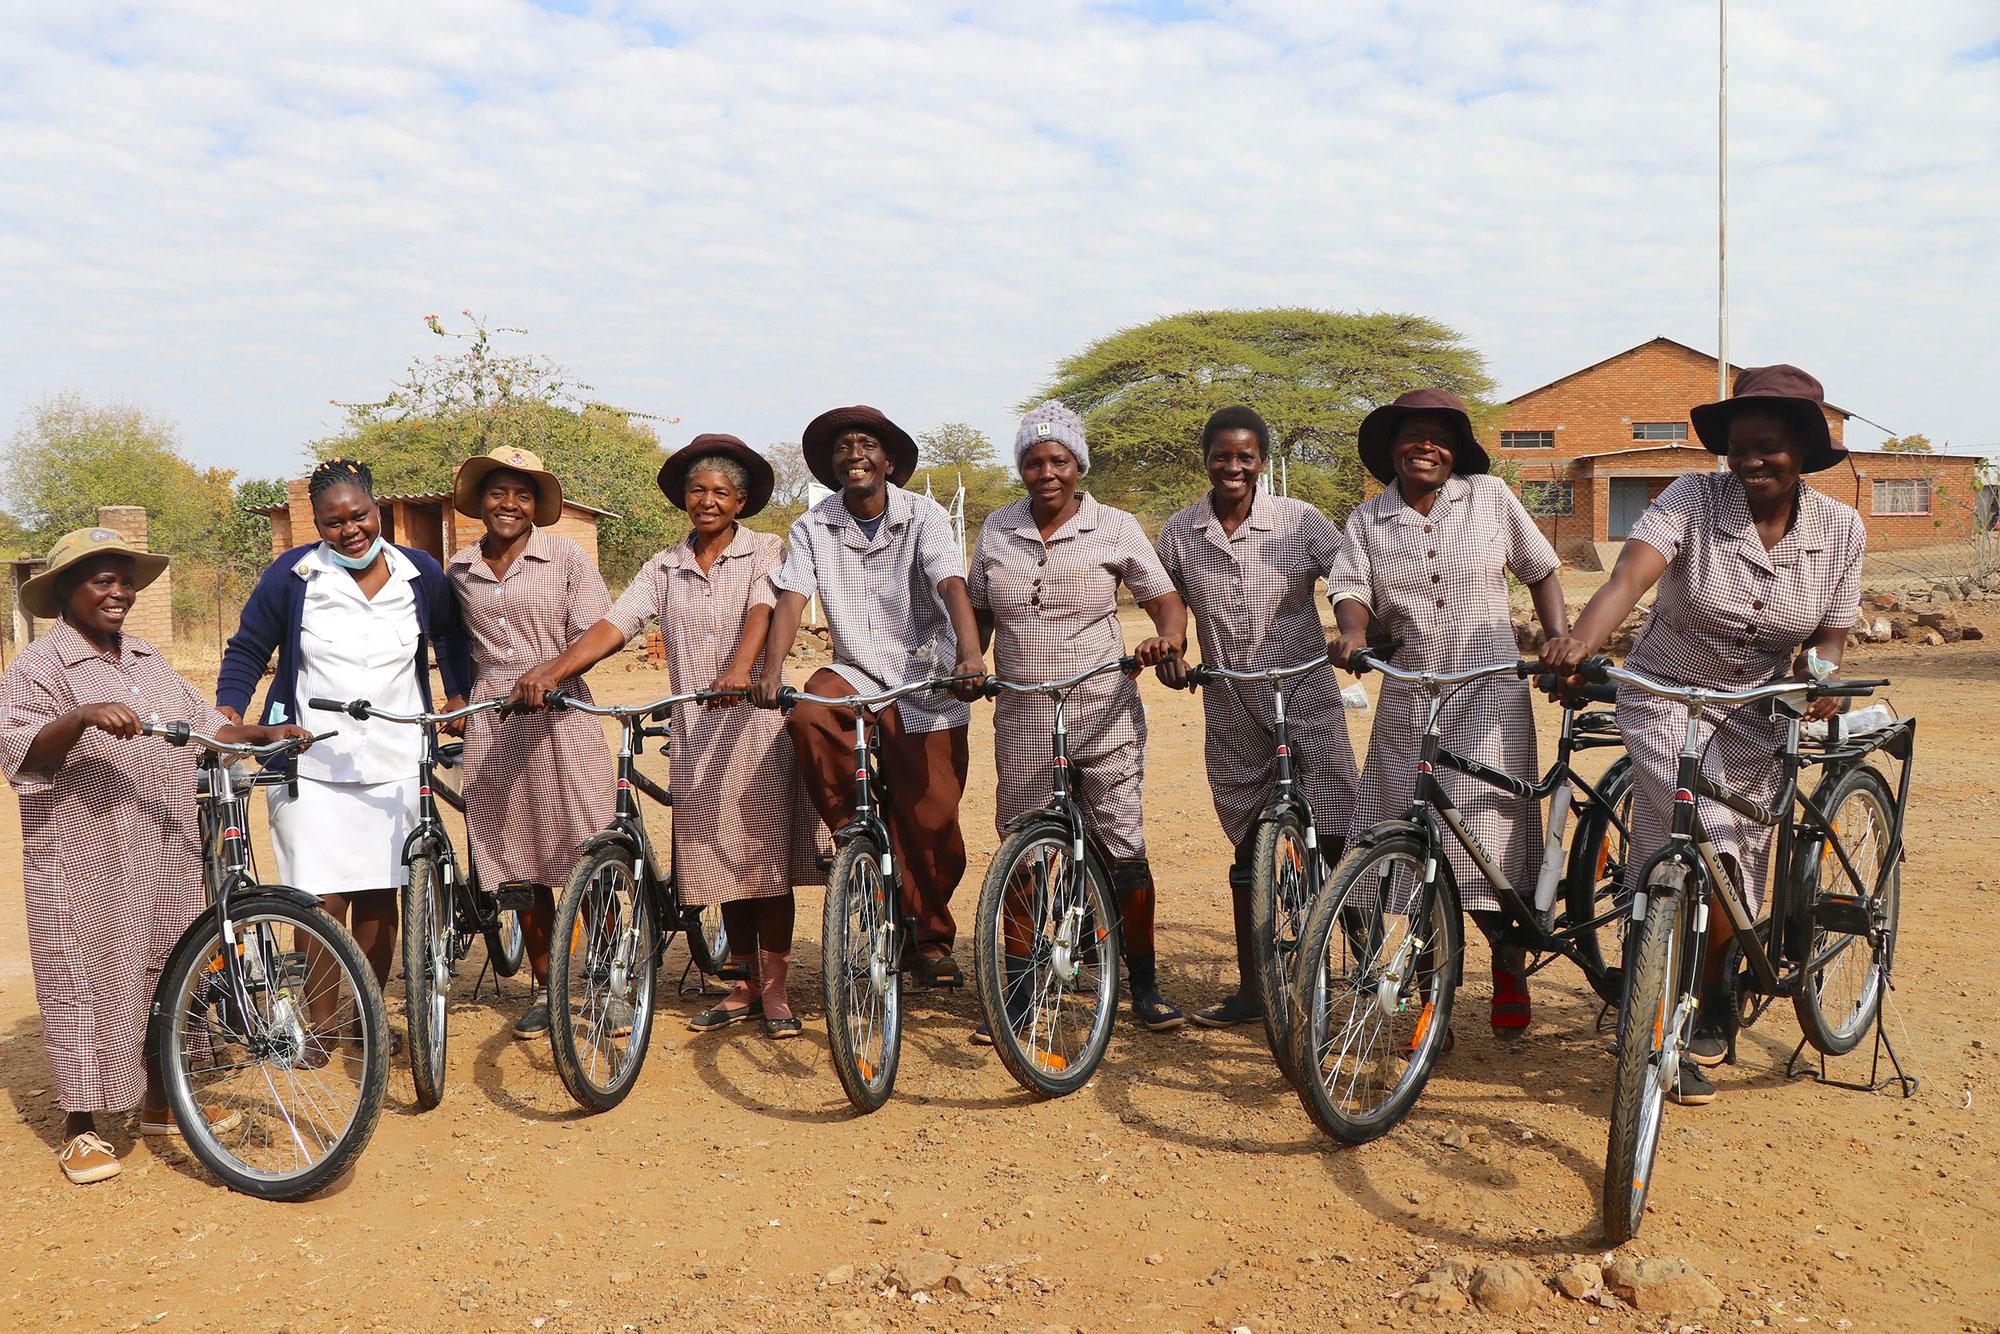 Schwalbe spendet 15.000 Euro zum 15. Jubiläum von World Bicycle Relief